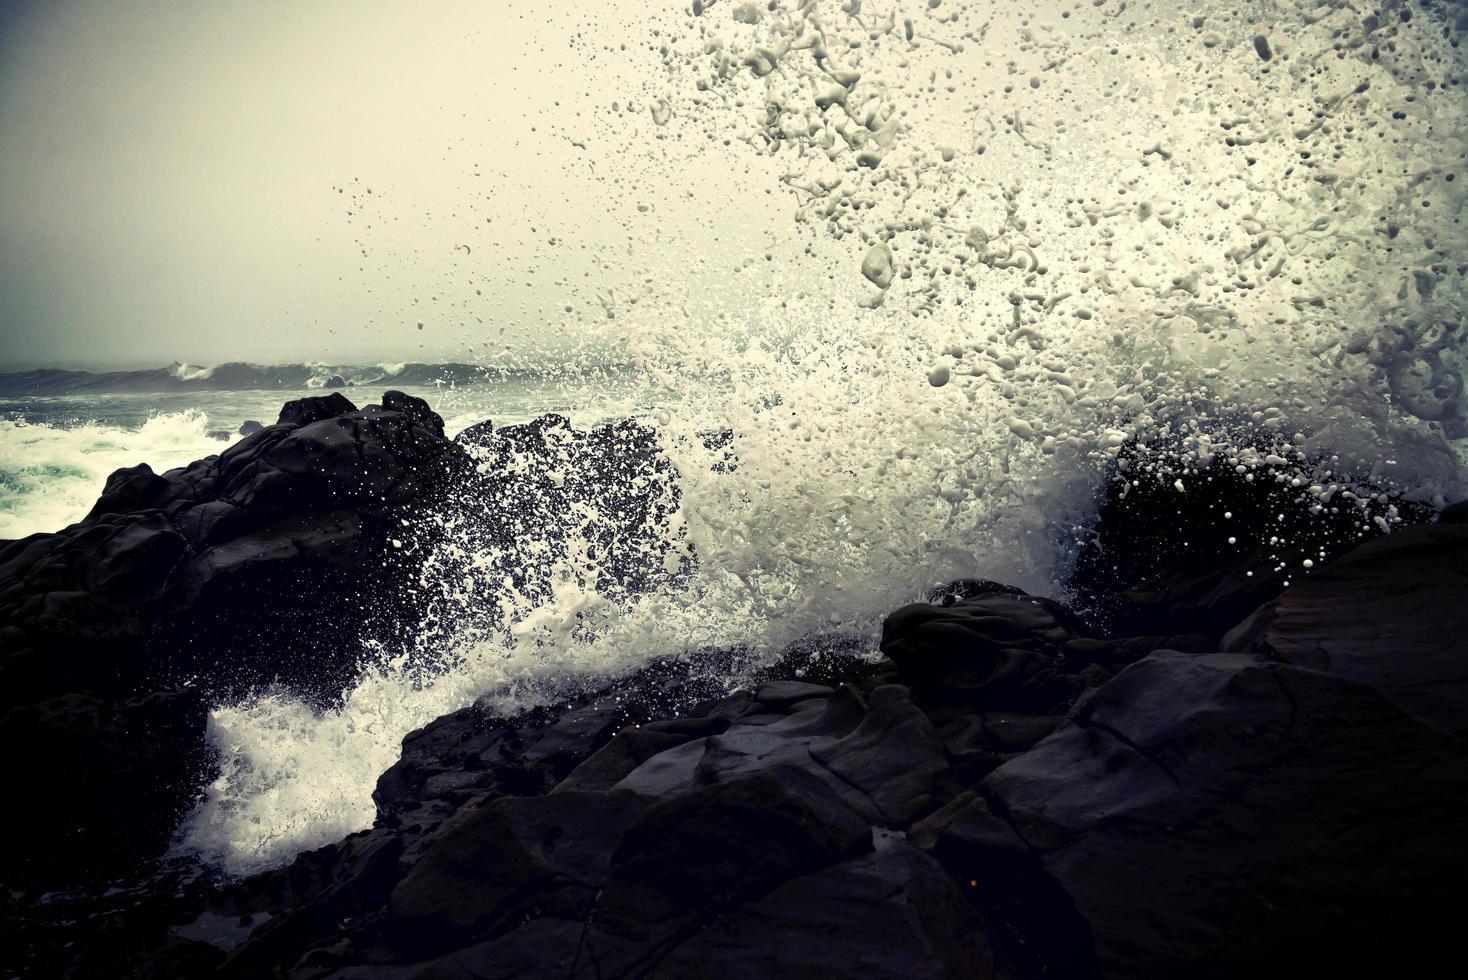 Ocean waves crashing on rocks during daytime photo